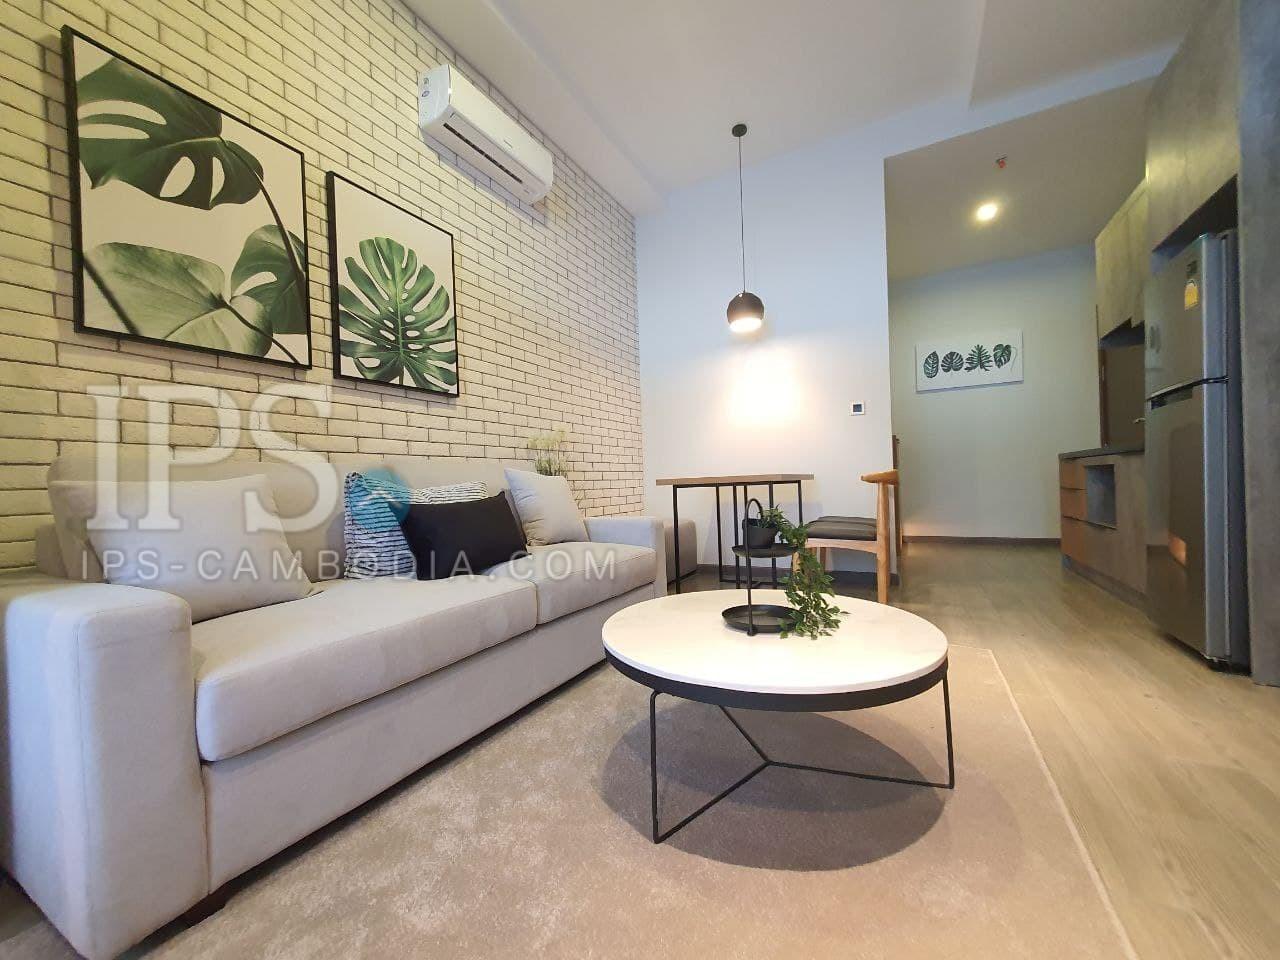 One Bedroom Condominium For Sale - BKK3, Phnom Penh